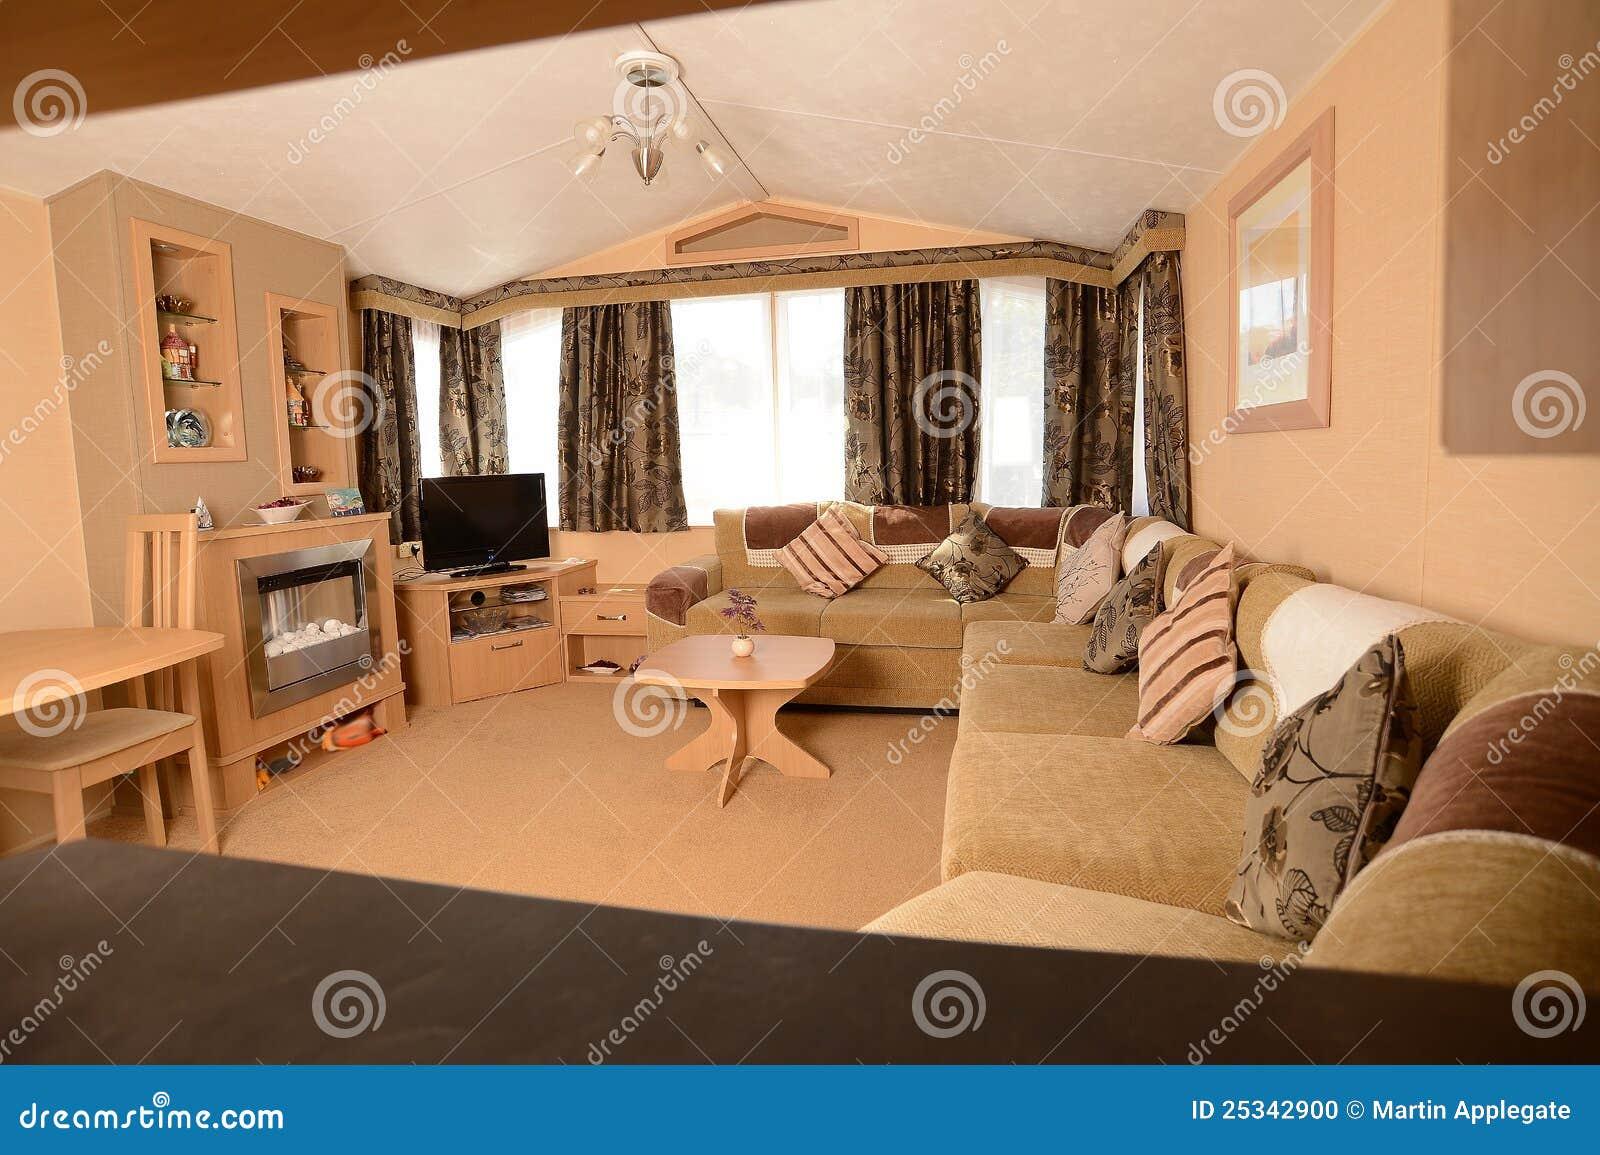 Salon de caravane r sidentielle photo stock image 25342900 for Decoration interieur de mobil home